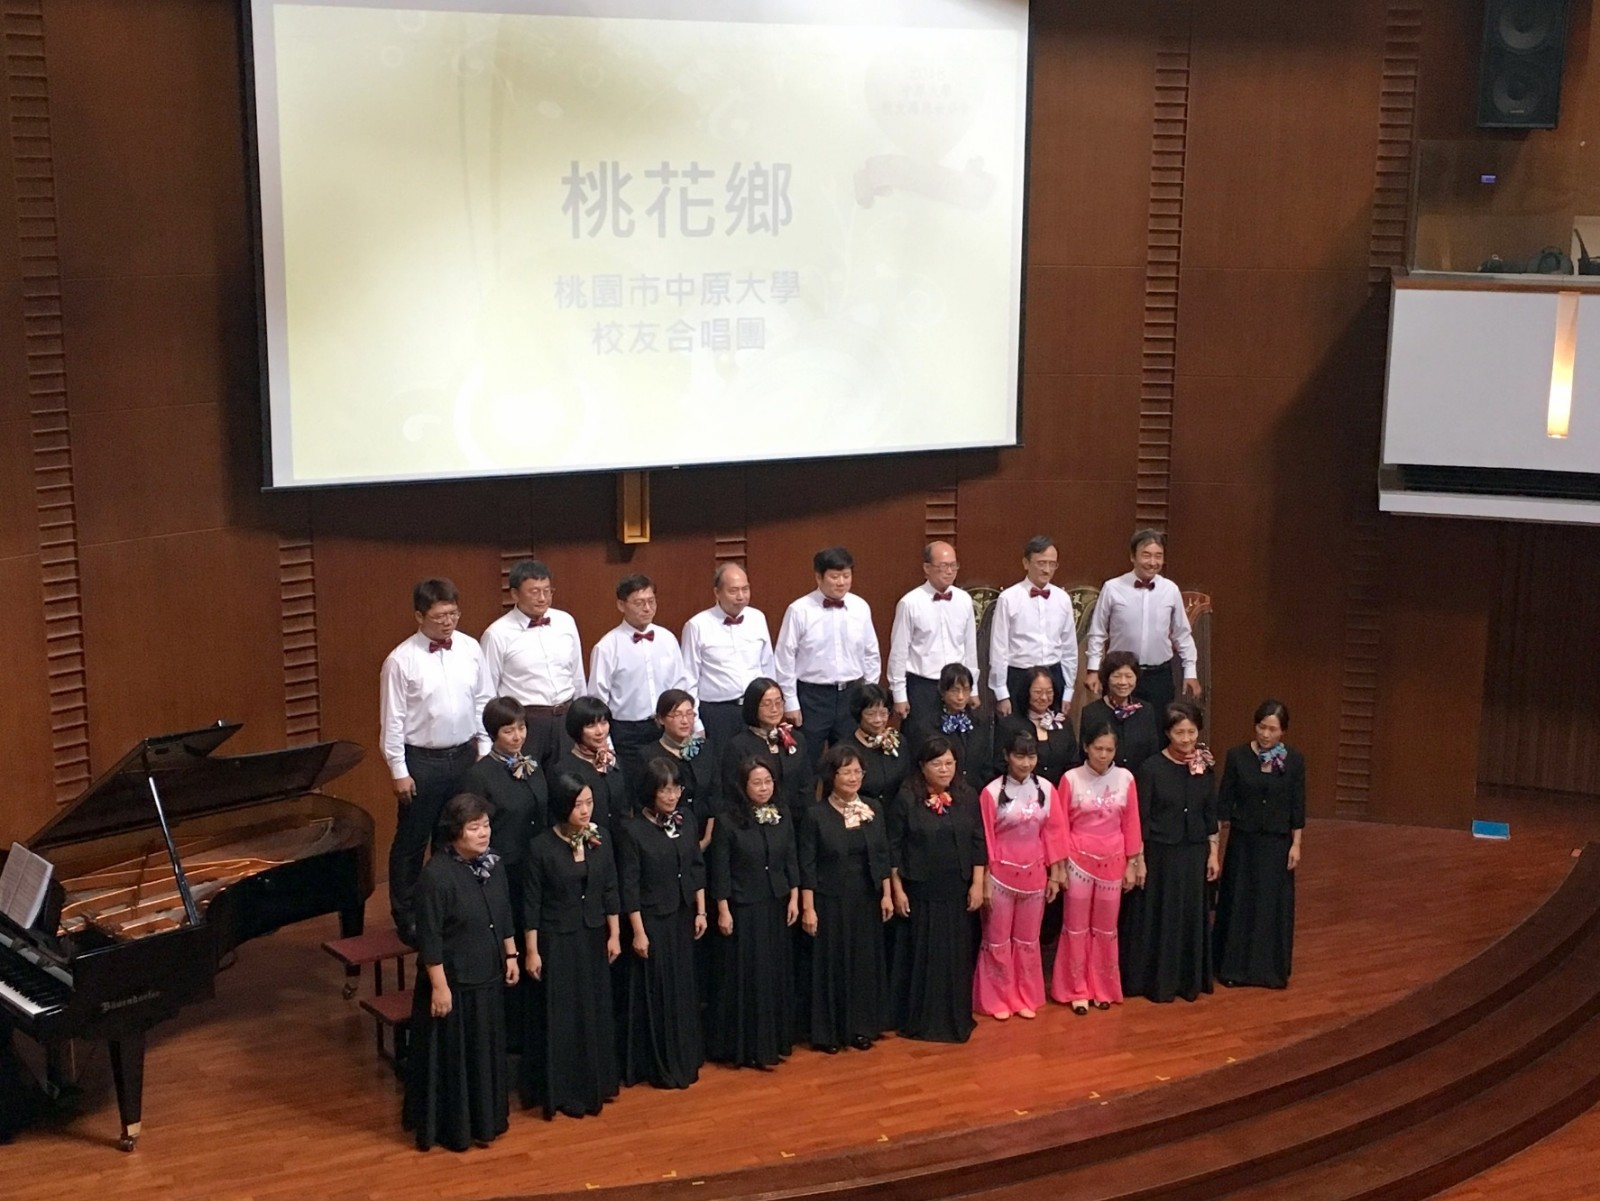 由桃園校友合唱團、中原大學校友總會、桃園校友會共同舉辦的「校友感恩音樂會」用歌聲和音樂,表達對中原的愛與感恩